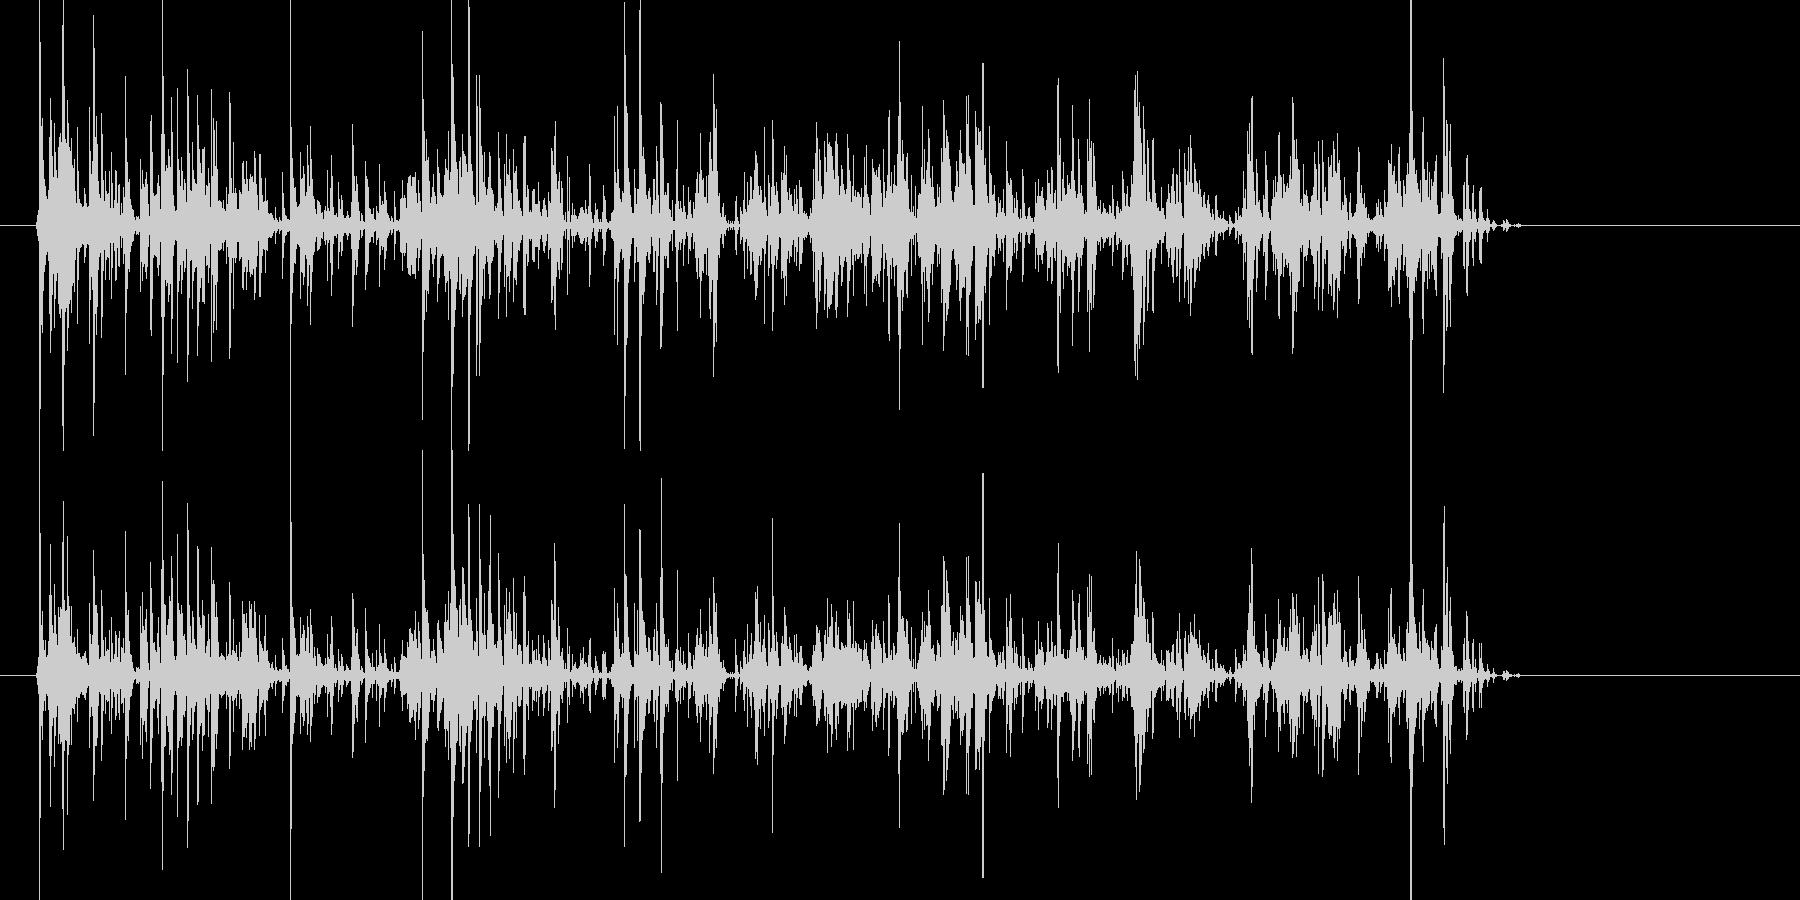 ちゃりちゃり!キーホルダーの鈴の音の未再生の波形